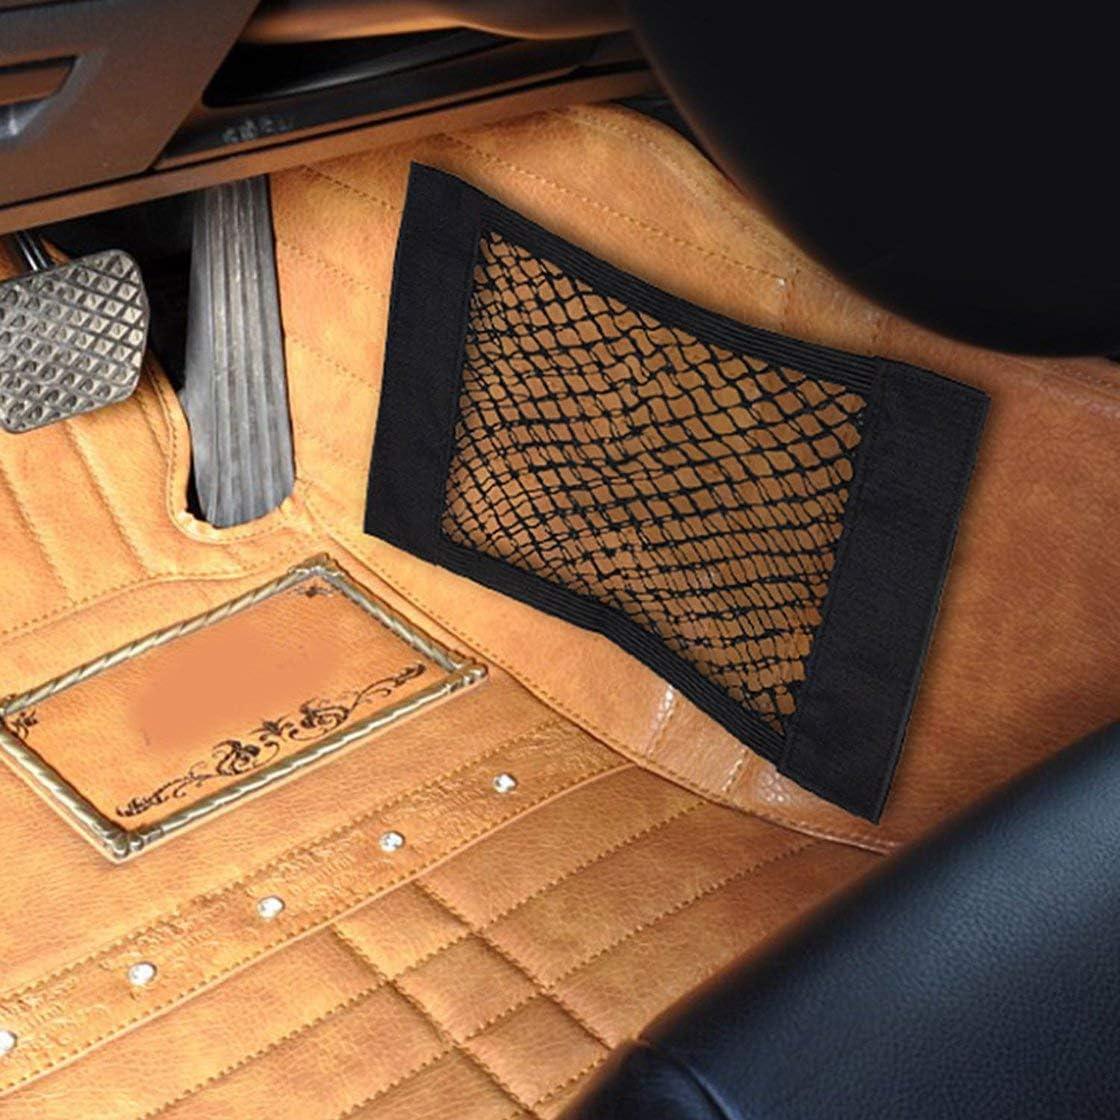 Filet de rangement pour coffre de voiture avec filet de rangement pour ruban adh/ésif Accessoires de voiture Sac de rangement int/érieur pour organiseur pour bouteilles//produits d/épicerie